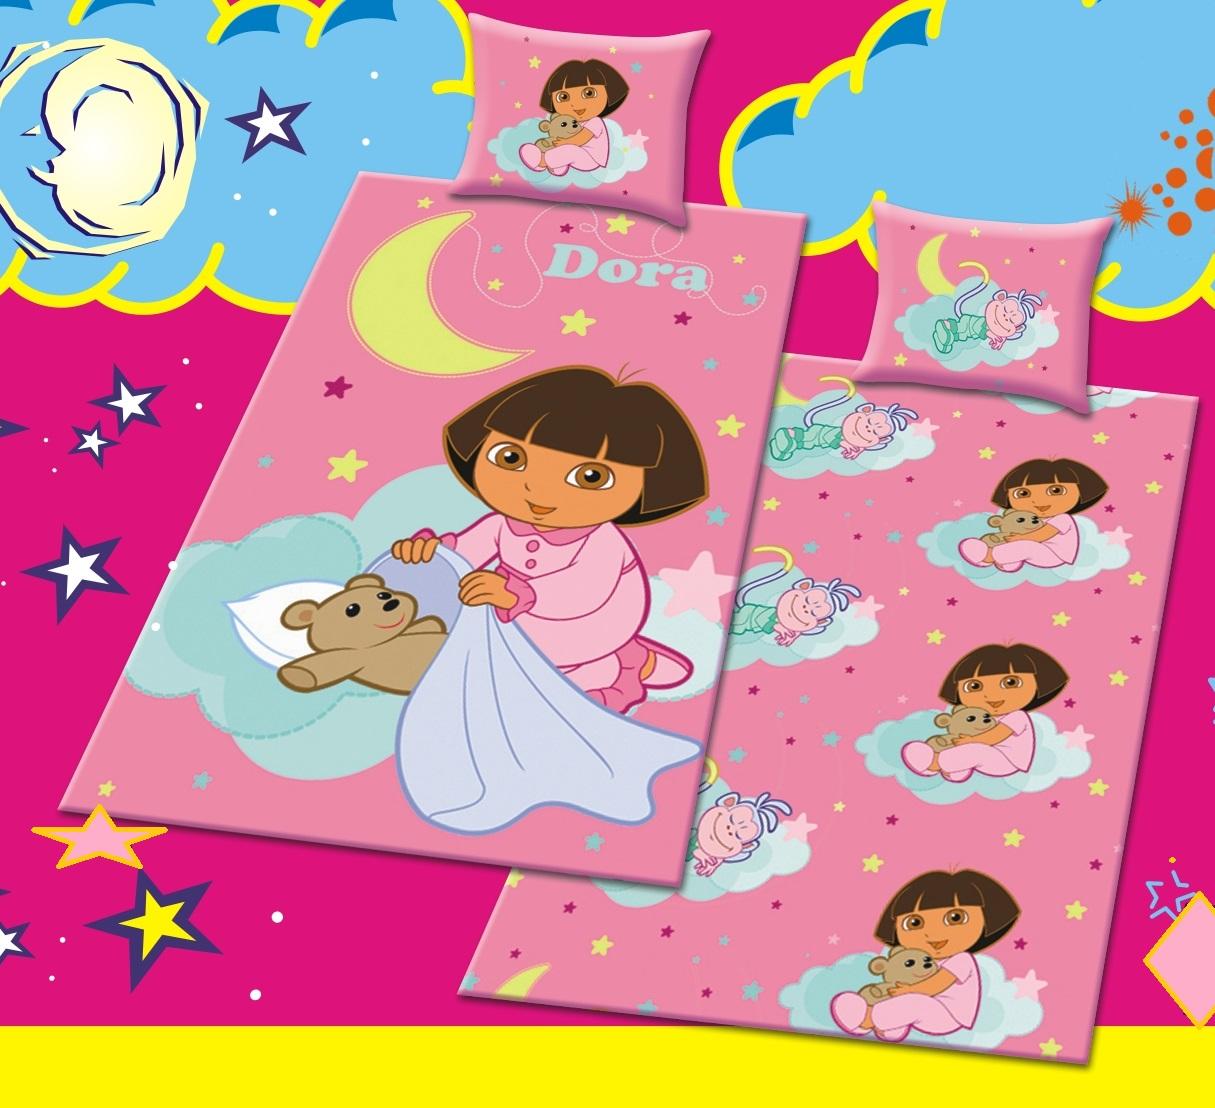 Σετ 3 Τεμαχίων Σεντόνια Παιδικά Dora - OEM - 9-Κ.16 λευκα ειδη παιδί σεντόνια παιδικά